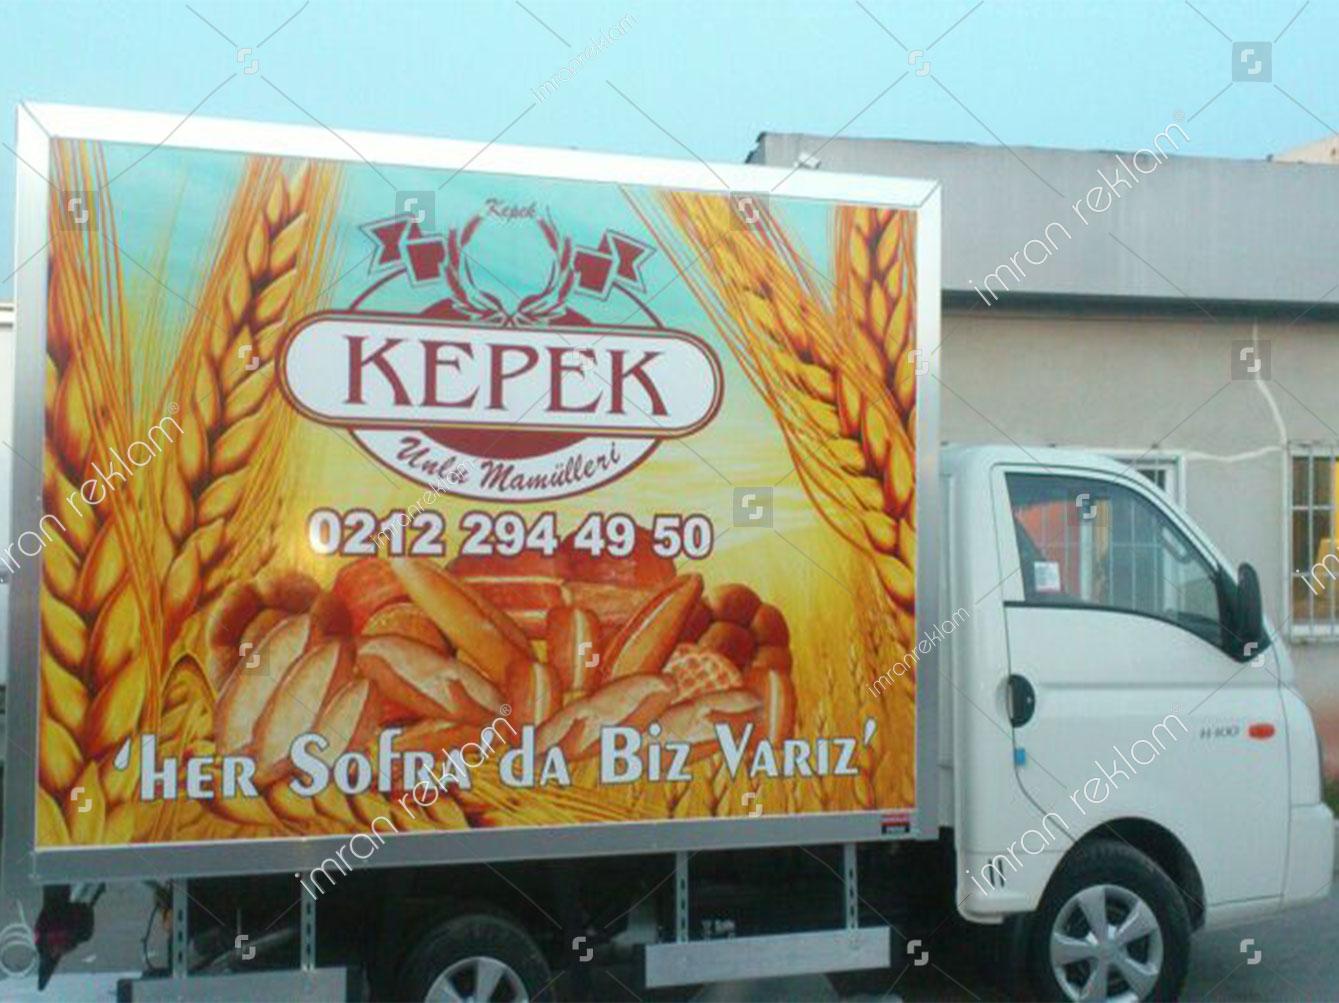 firin-kamyoneti-reklam-giydirme